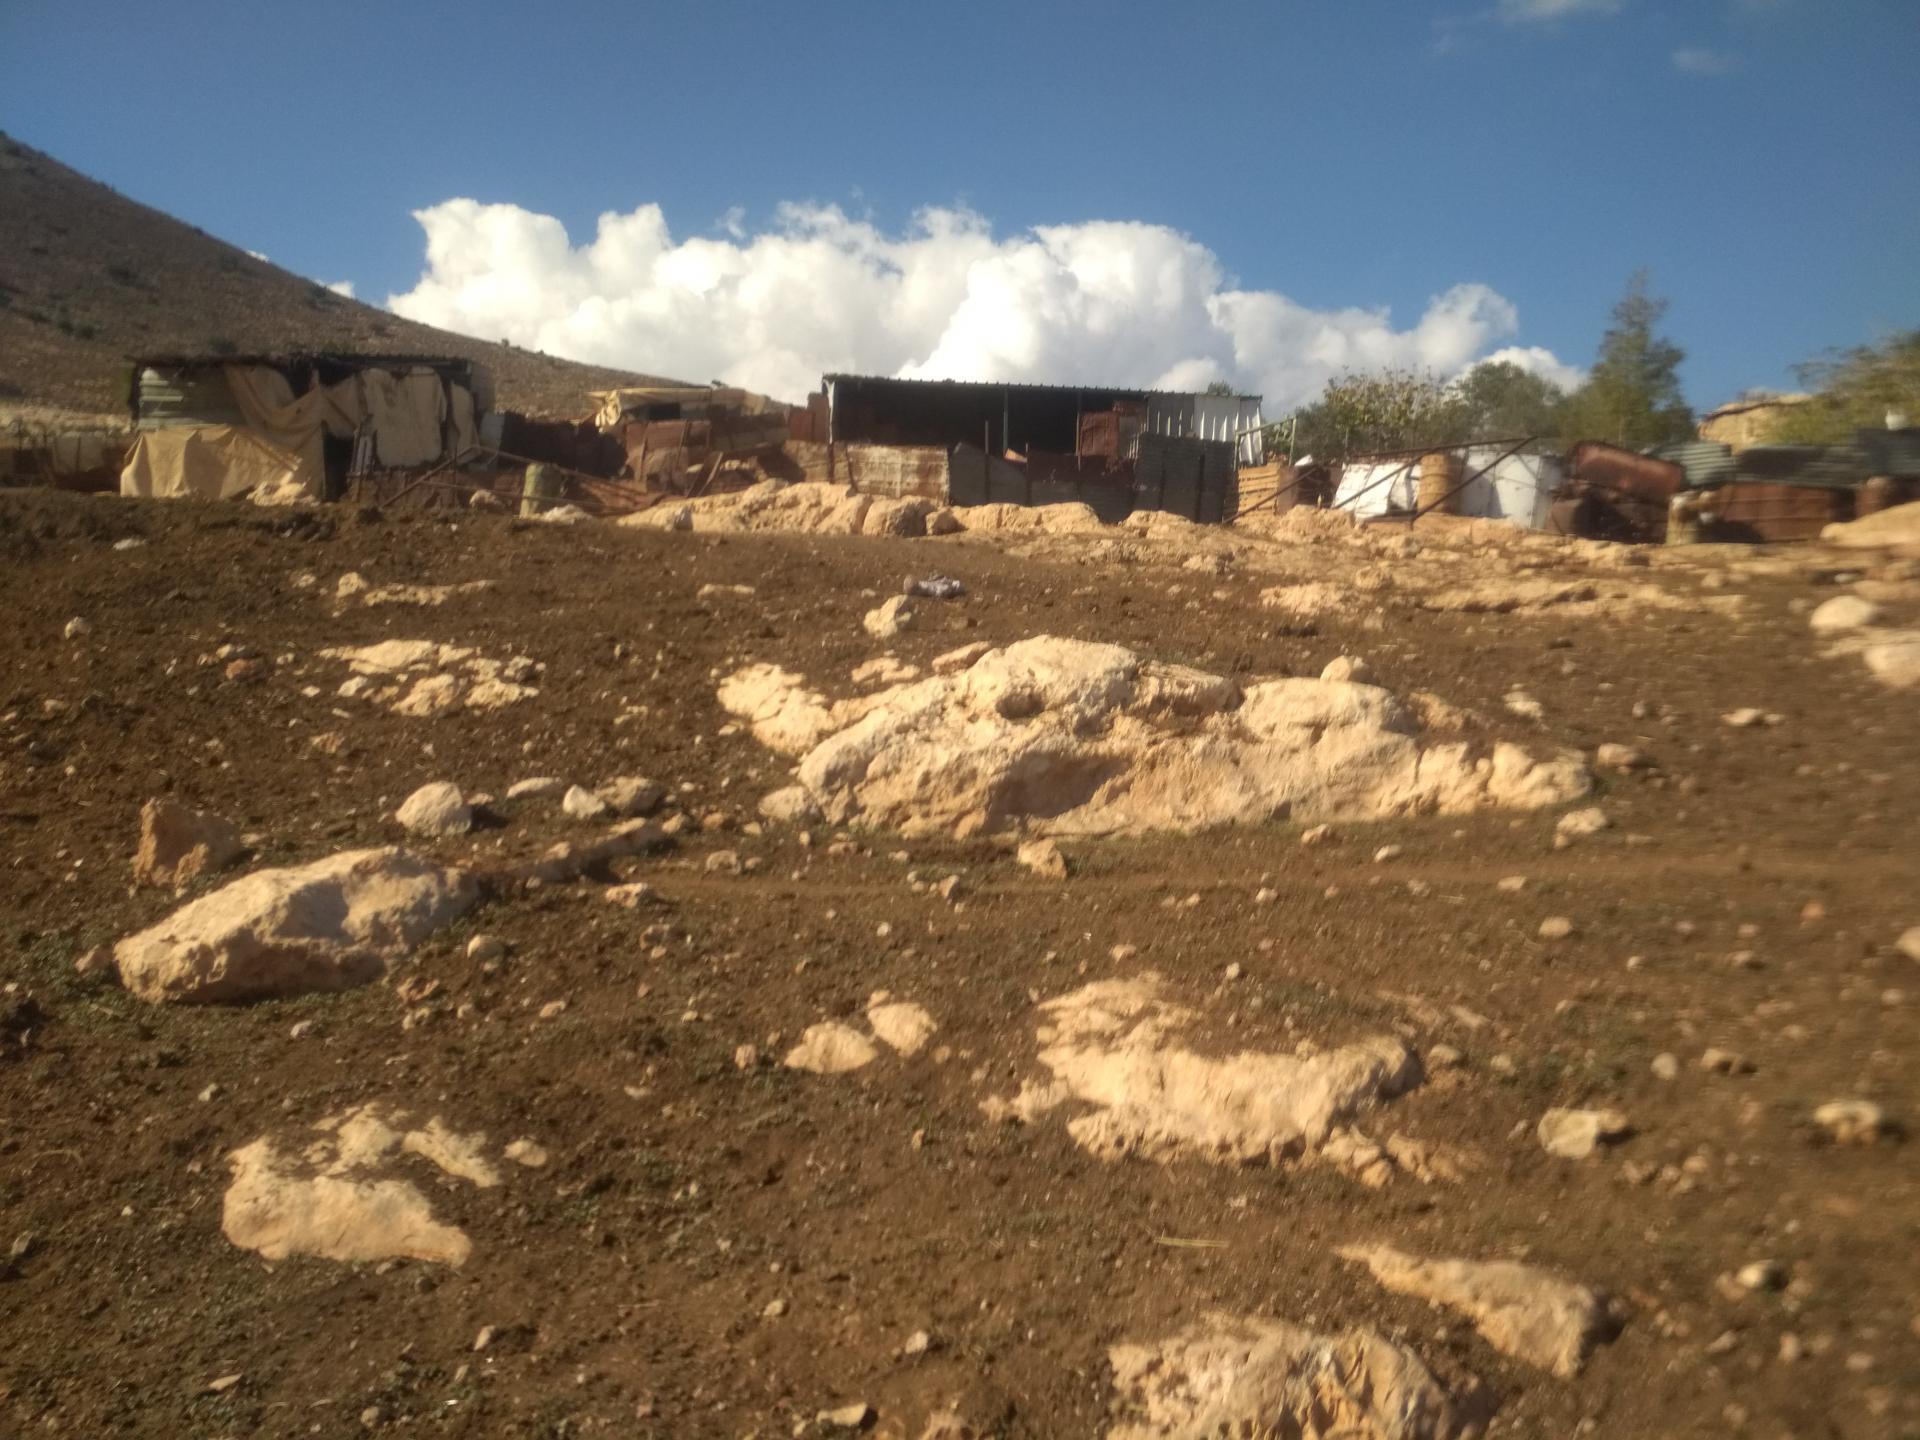 בקעת הירדן: הפחונים (המיועדים להריסה) בהם מתגוררת משפחת דַרַגמֶה